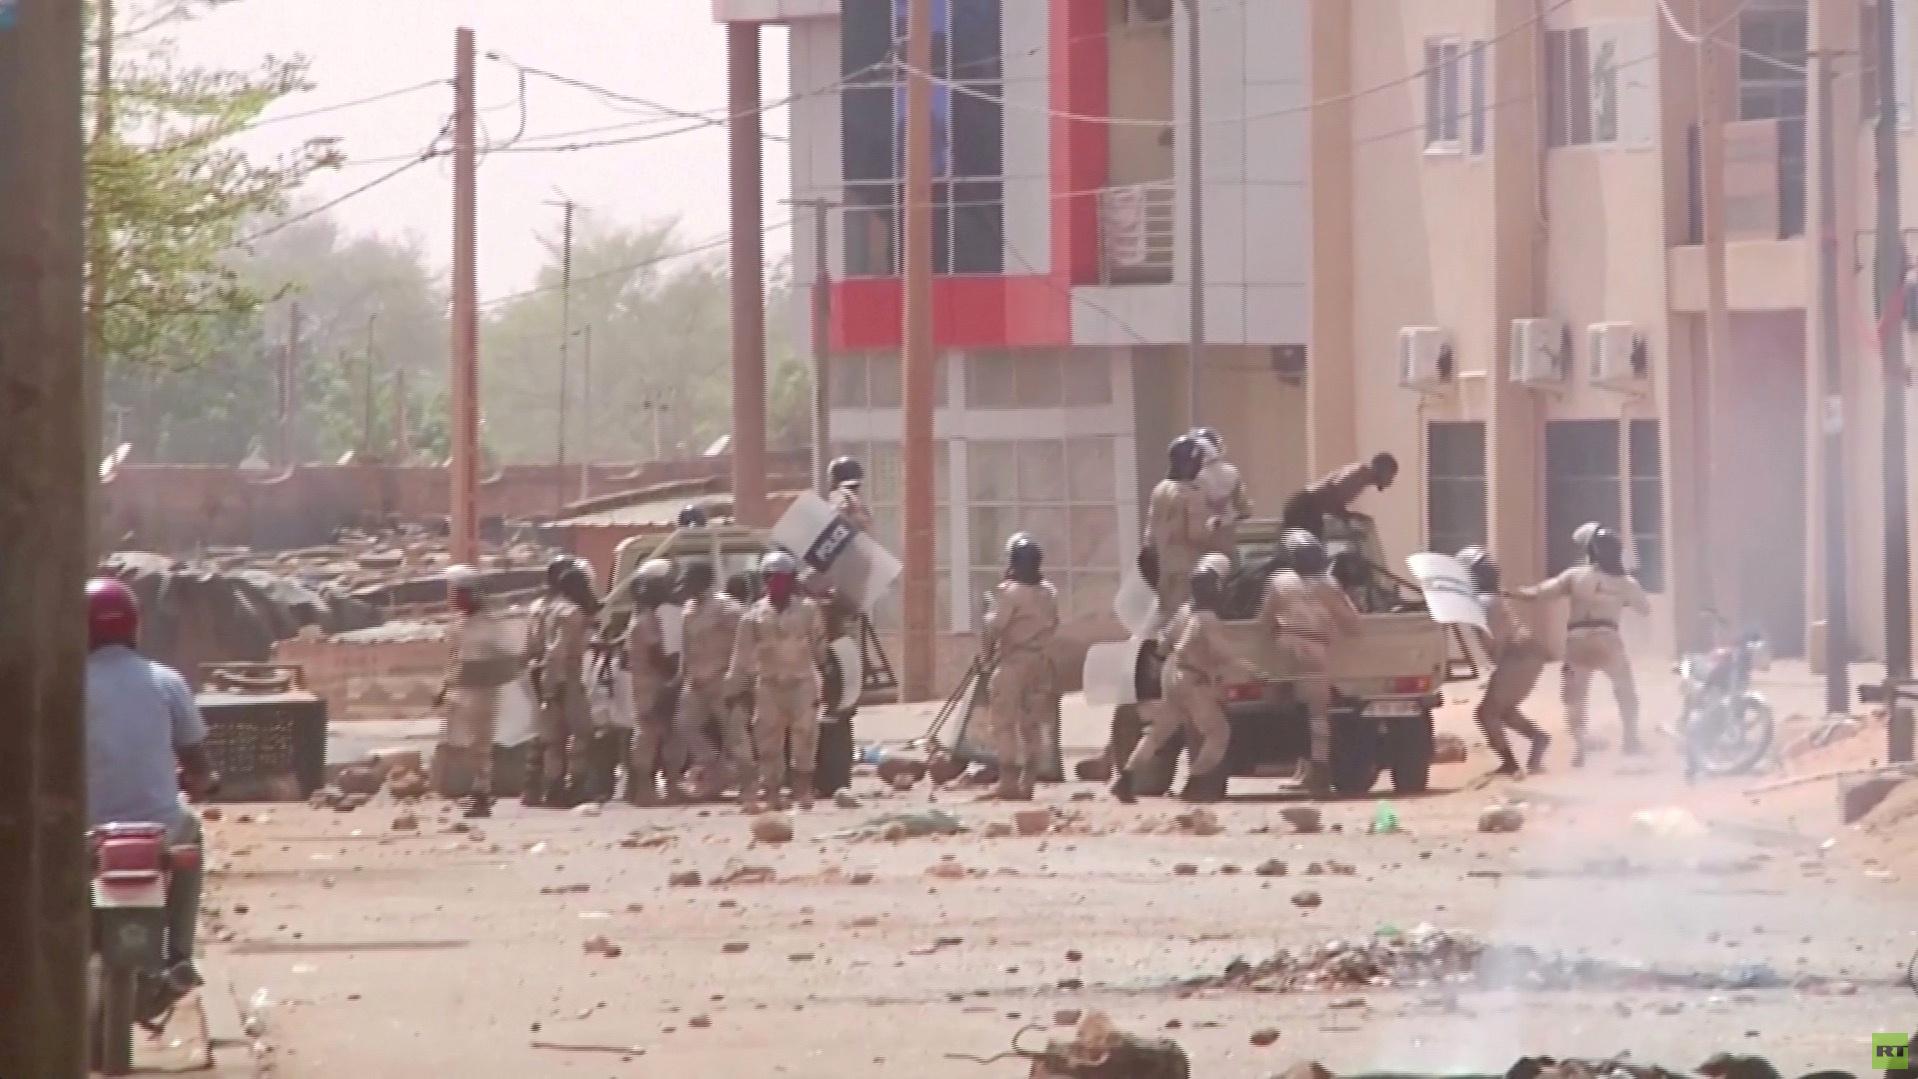 حكومة النيجر تعلن مقتل 14 مدنيا في هجوم قرب الحدود مع مالي